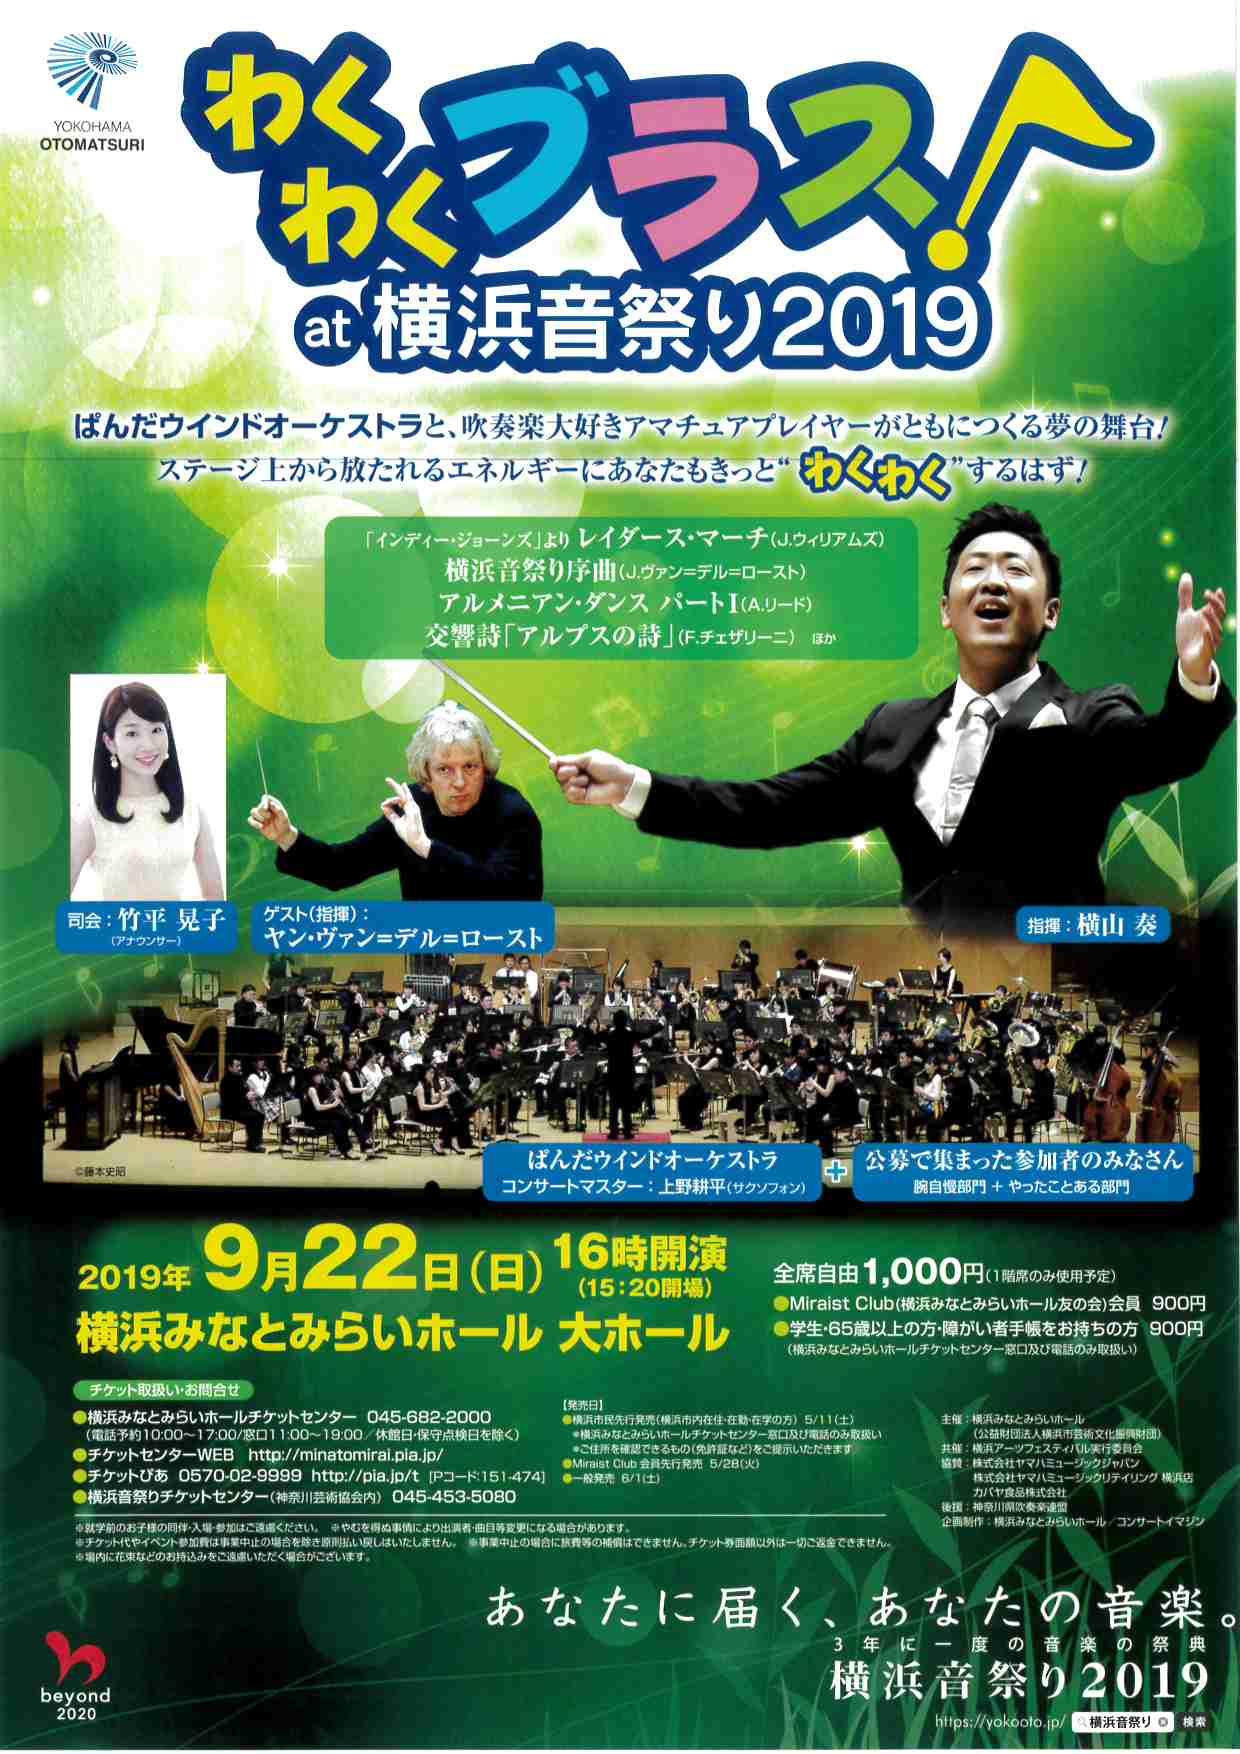 わくわくブラス at横浜音祭り2019